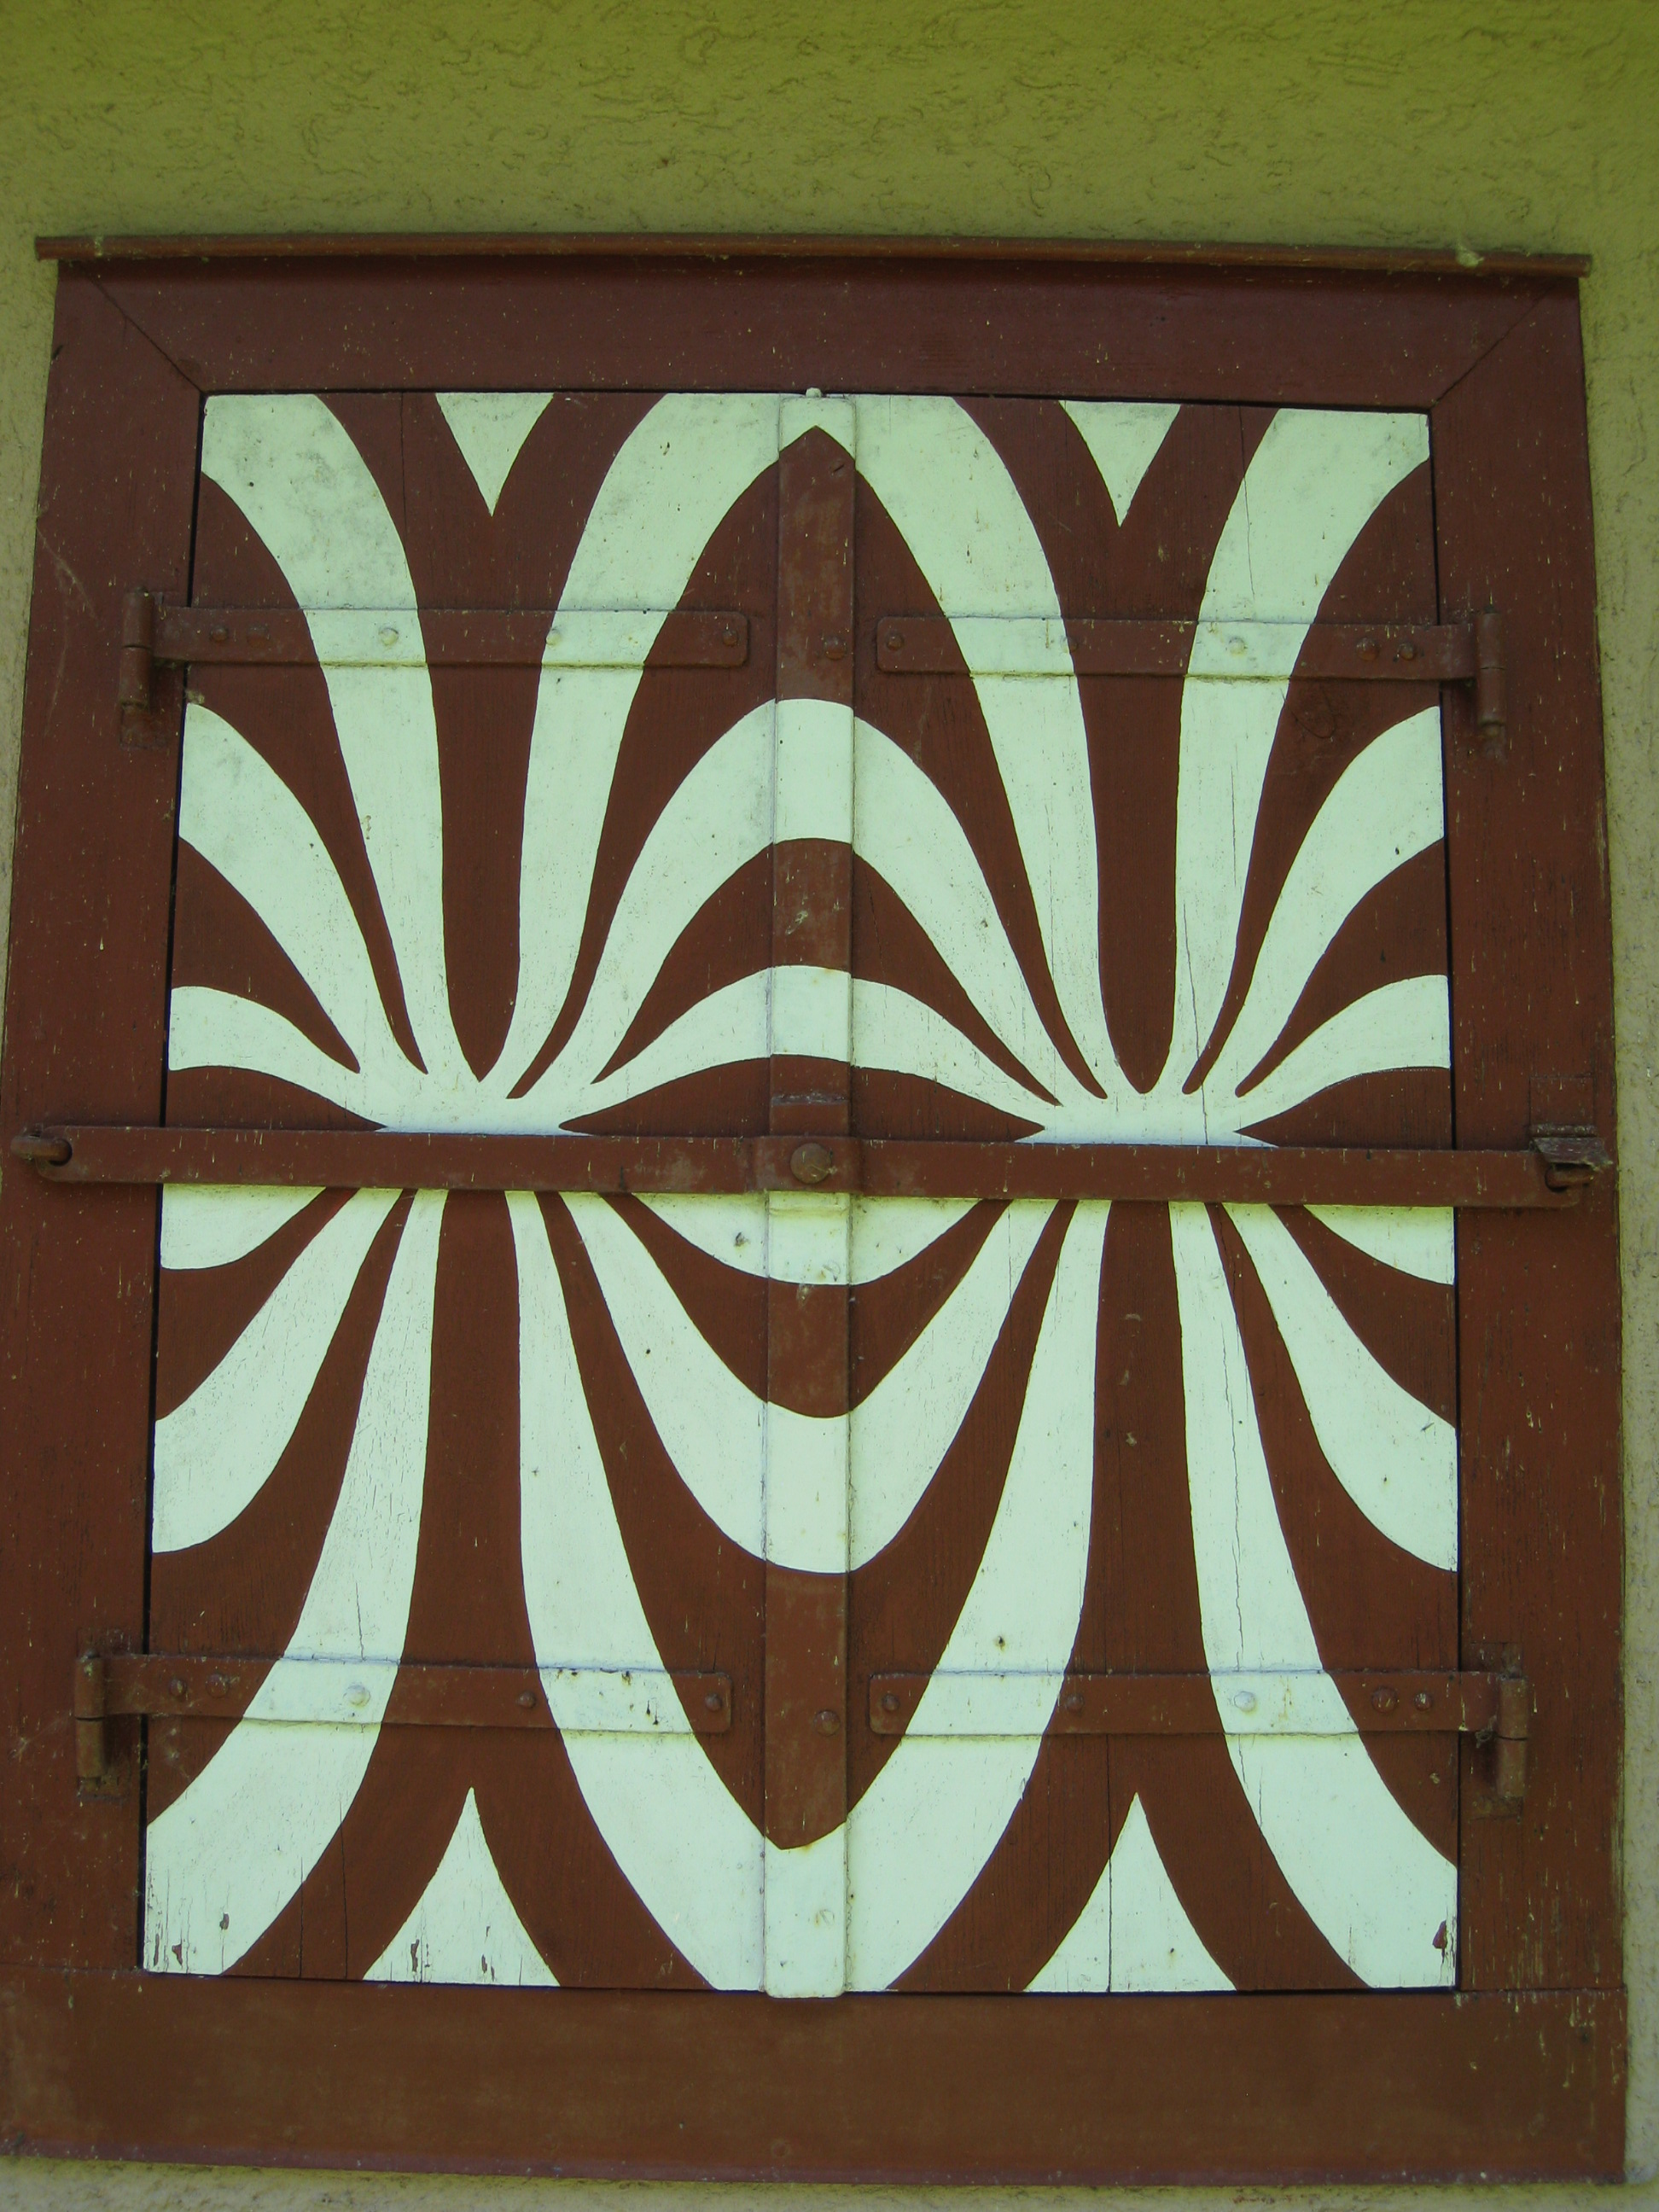 wie am besten holz fensterl den mit muster neu streichen mit klebefolie farbe maler. Black Bedroom Furniture Sets. Home Design Ideas